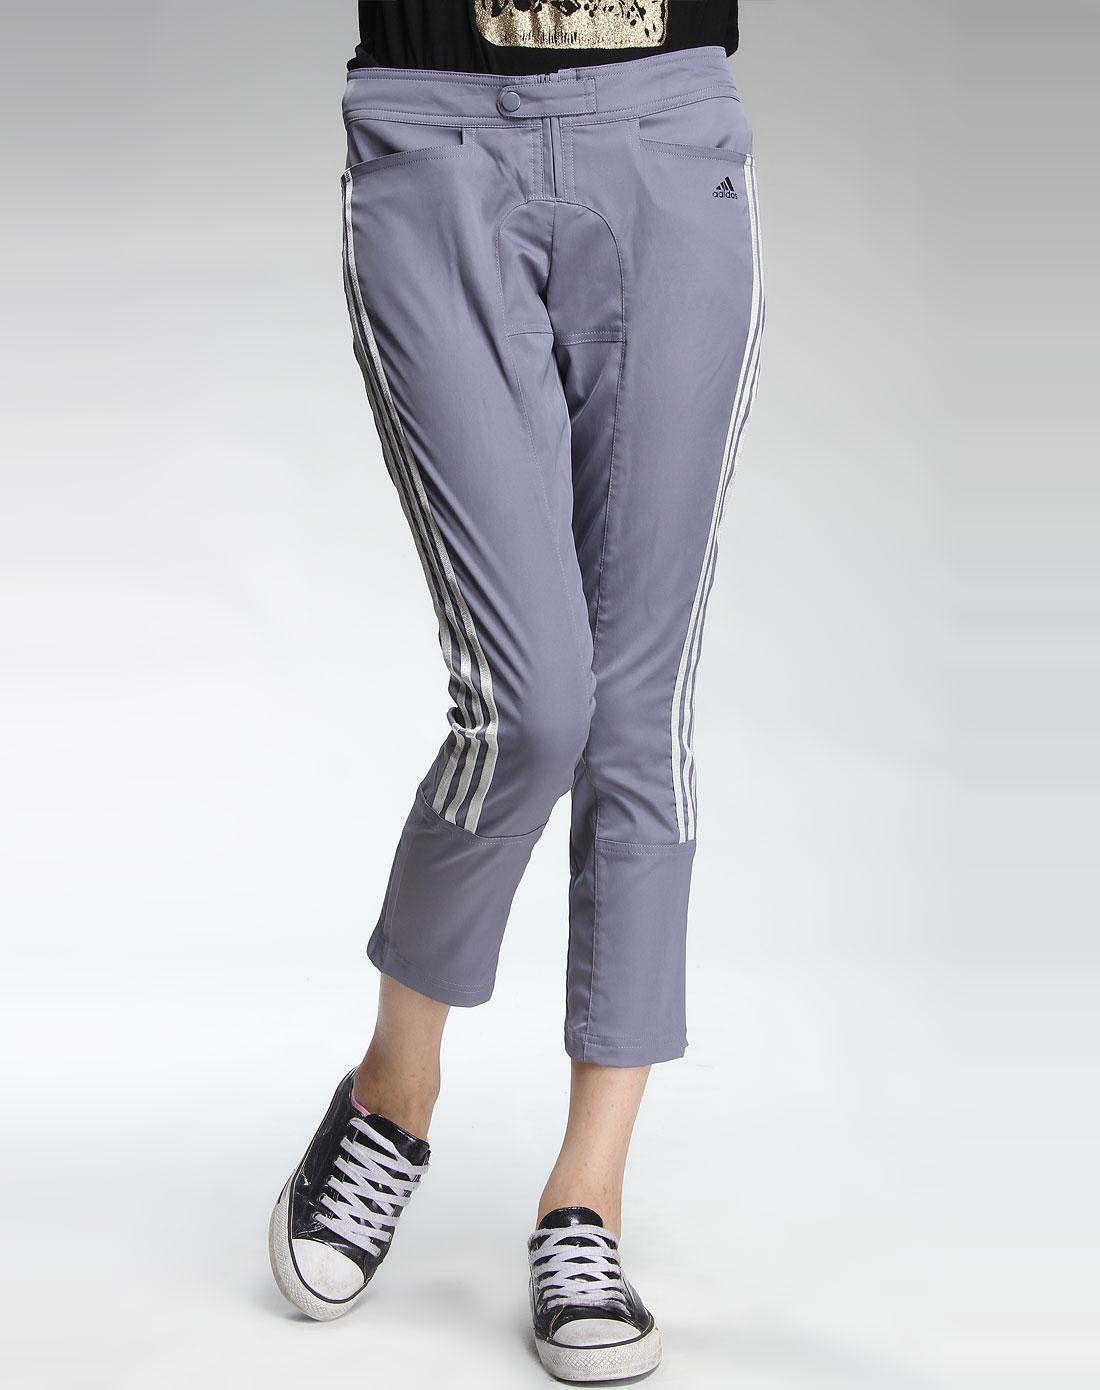 阿迪达斯adidas女款深灰色时尚运动九分裤